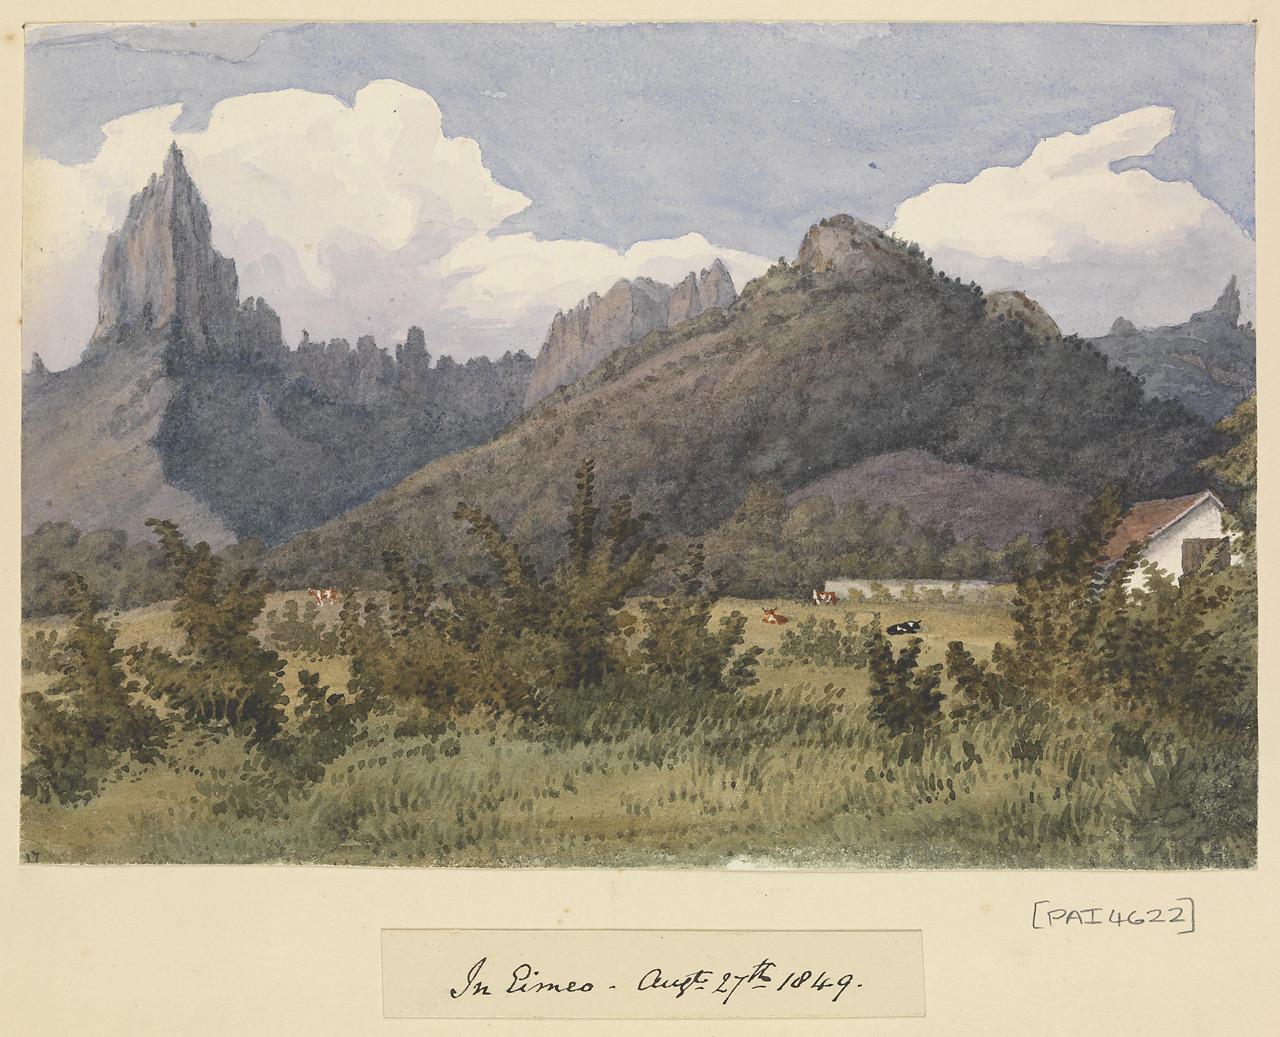 Edward_Gennys_Fanshawe,_In_Eimeo_(Moorea,_Society_Islands),_Augt_27th_1849